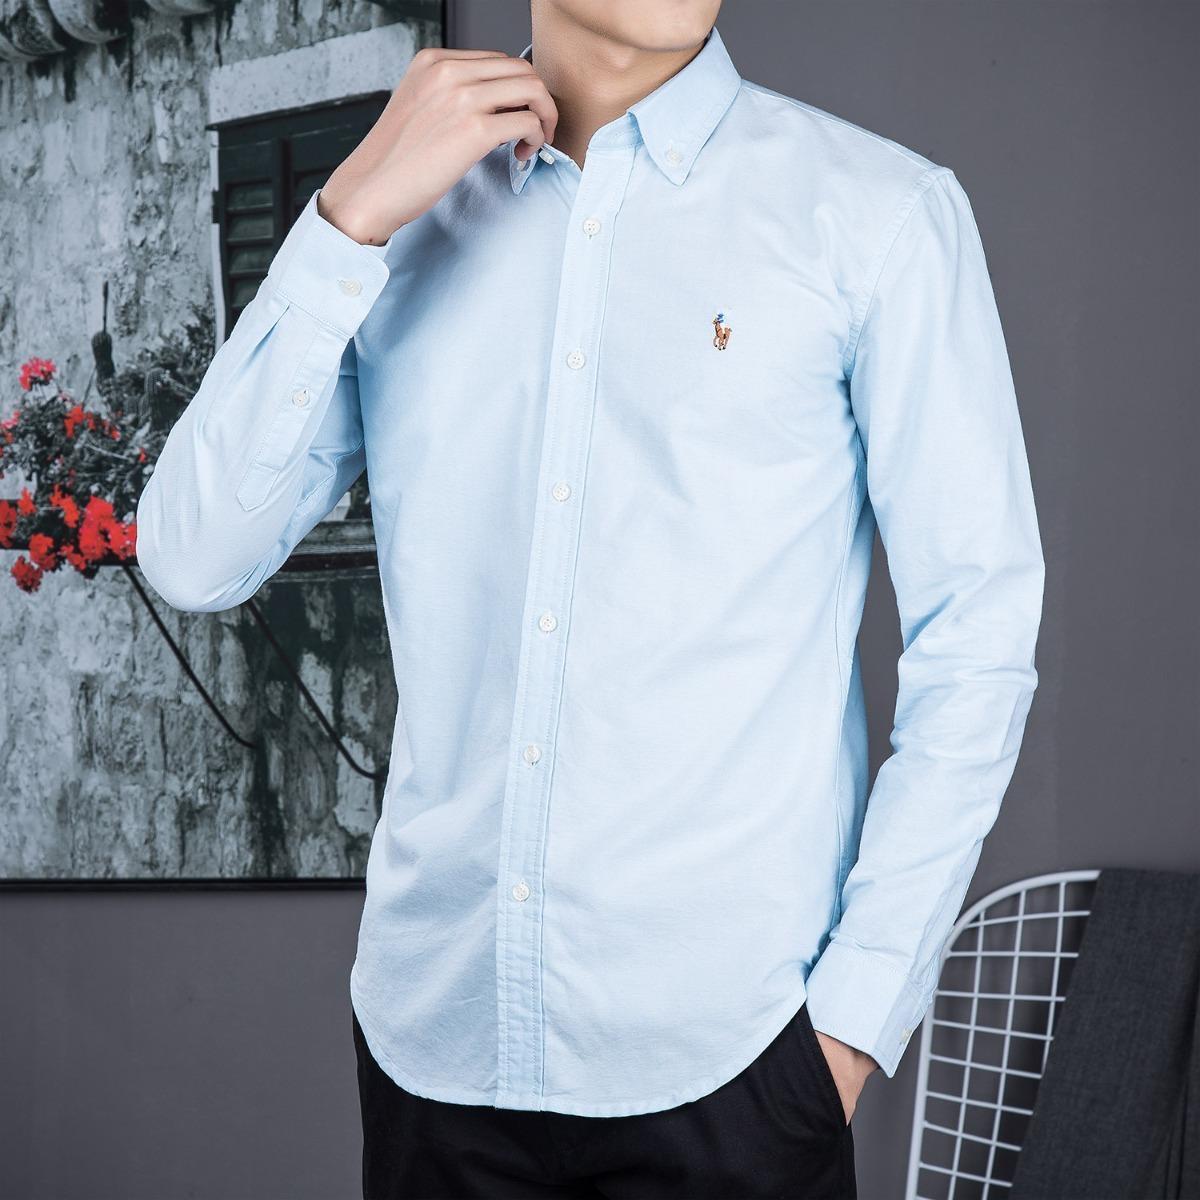 camisa polo ralph lauren masculina azul claro pronta entrega. Carregando  zoom. 5d1dfc9f076